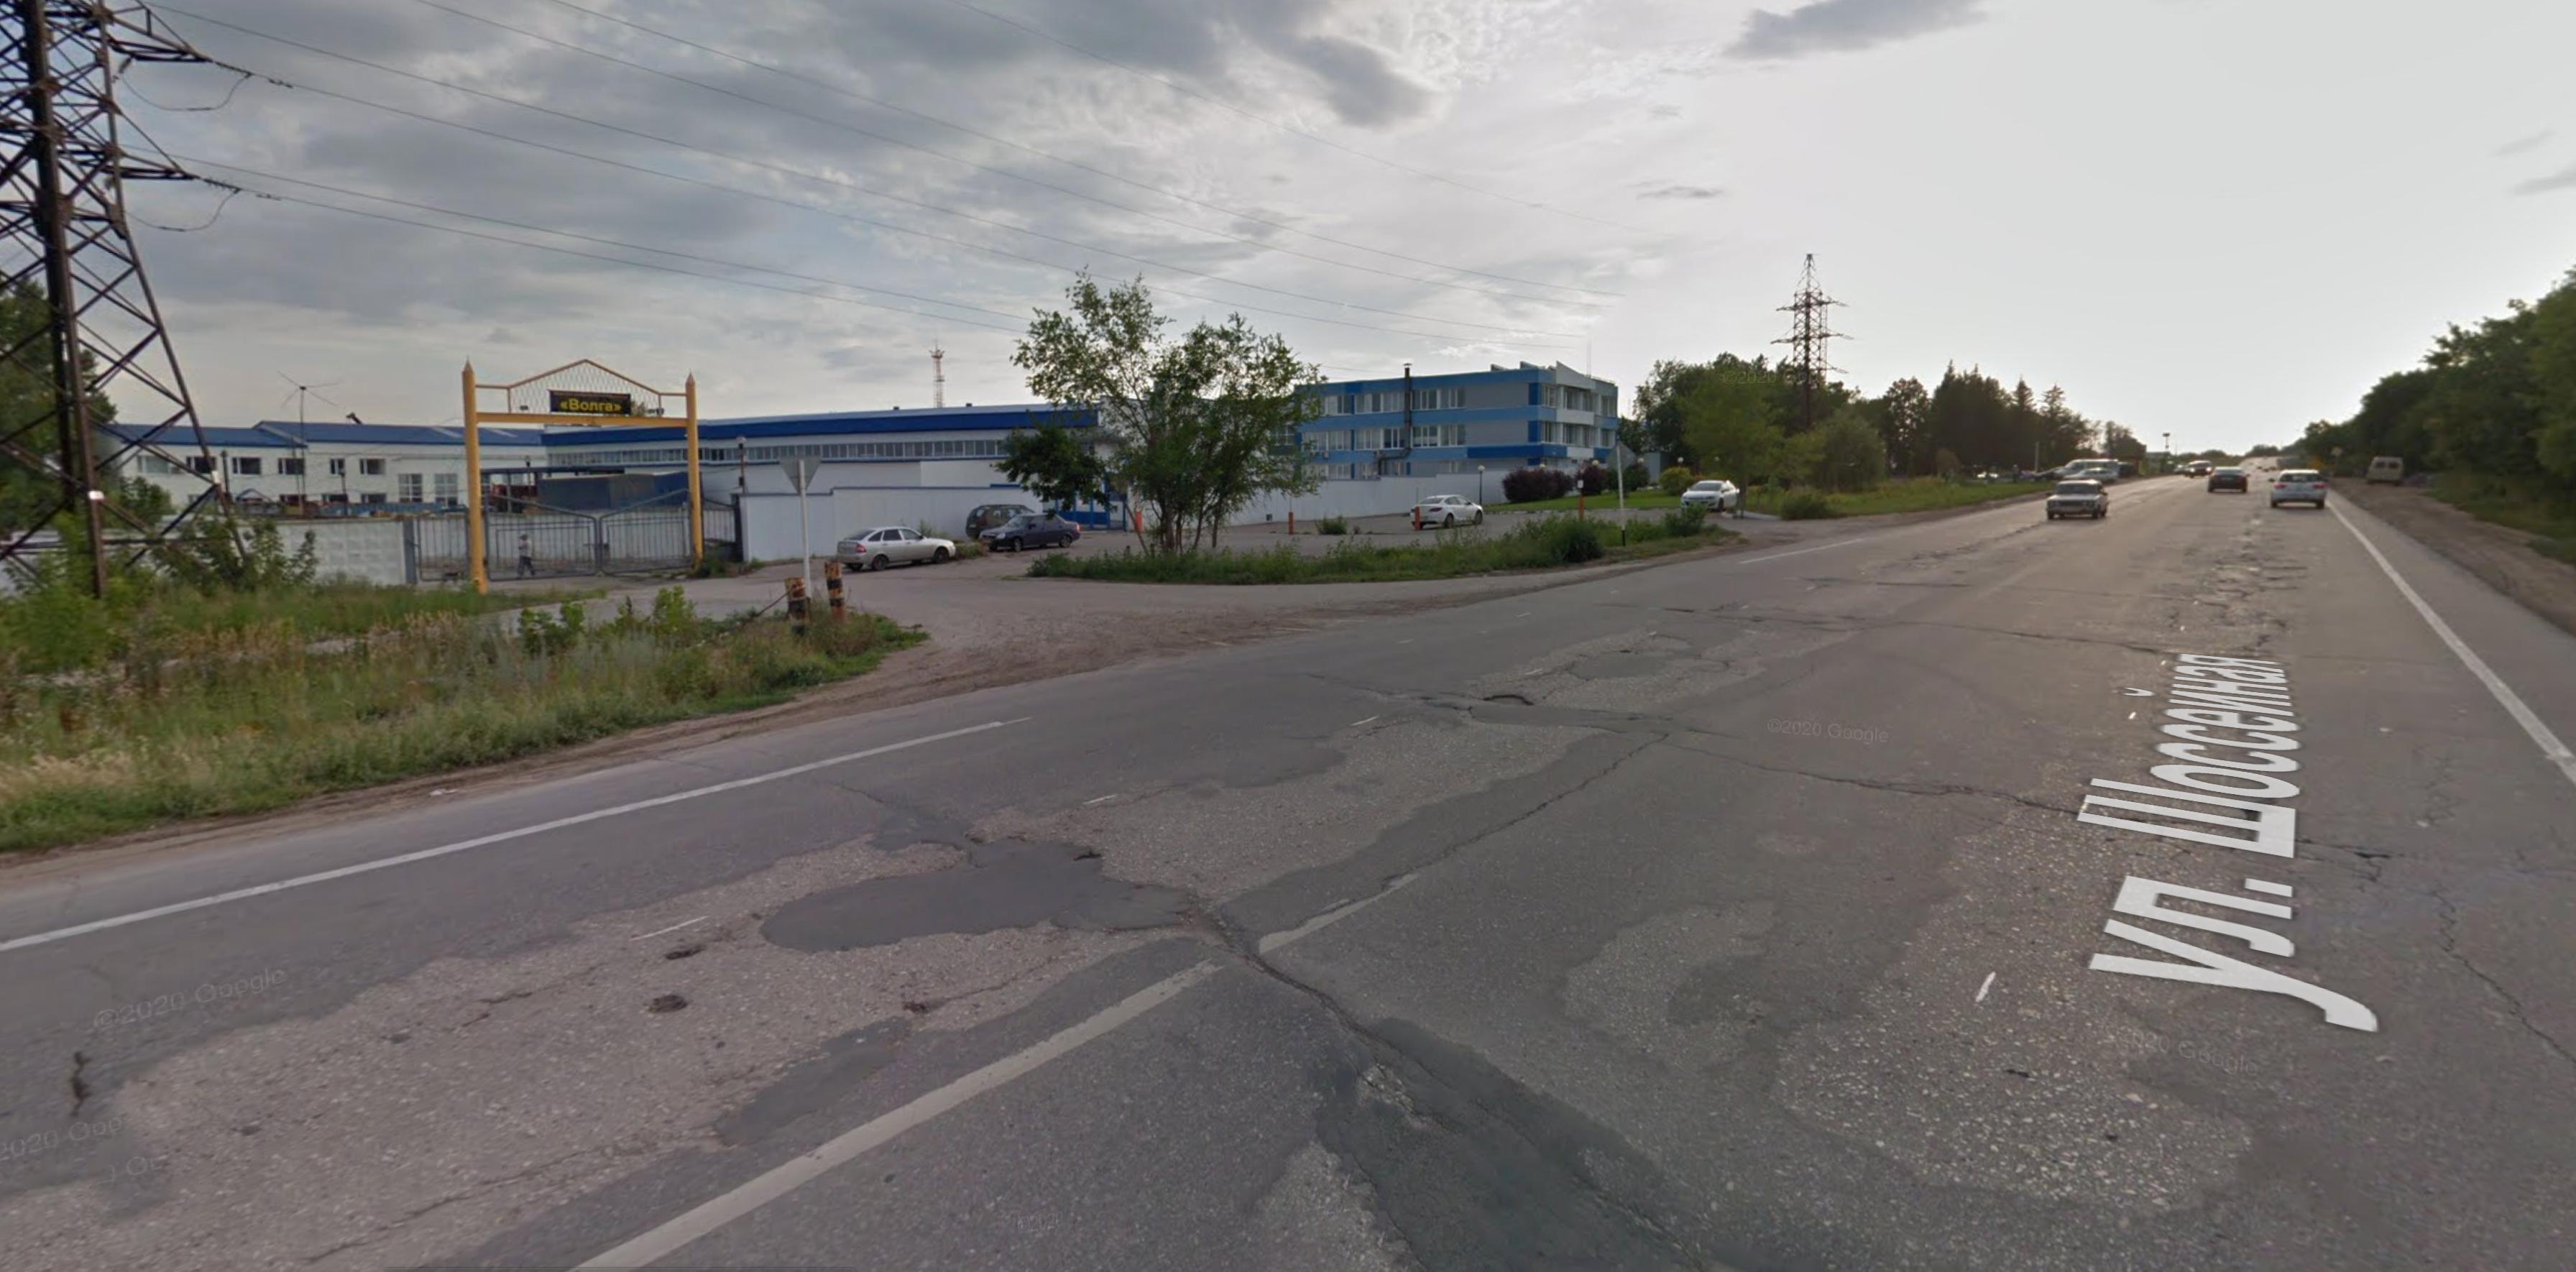 Адрес места аварии был в судебном решении, мы нашли эту точку на «Гугл-картах»